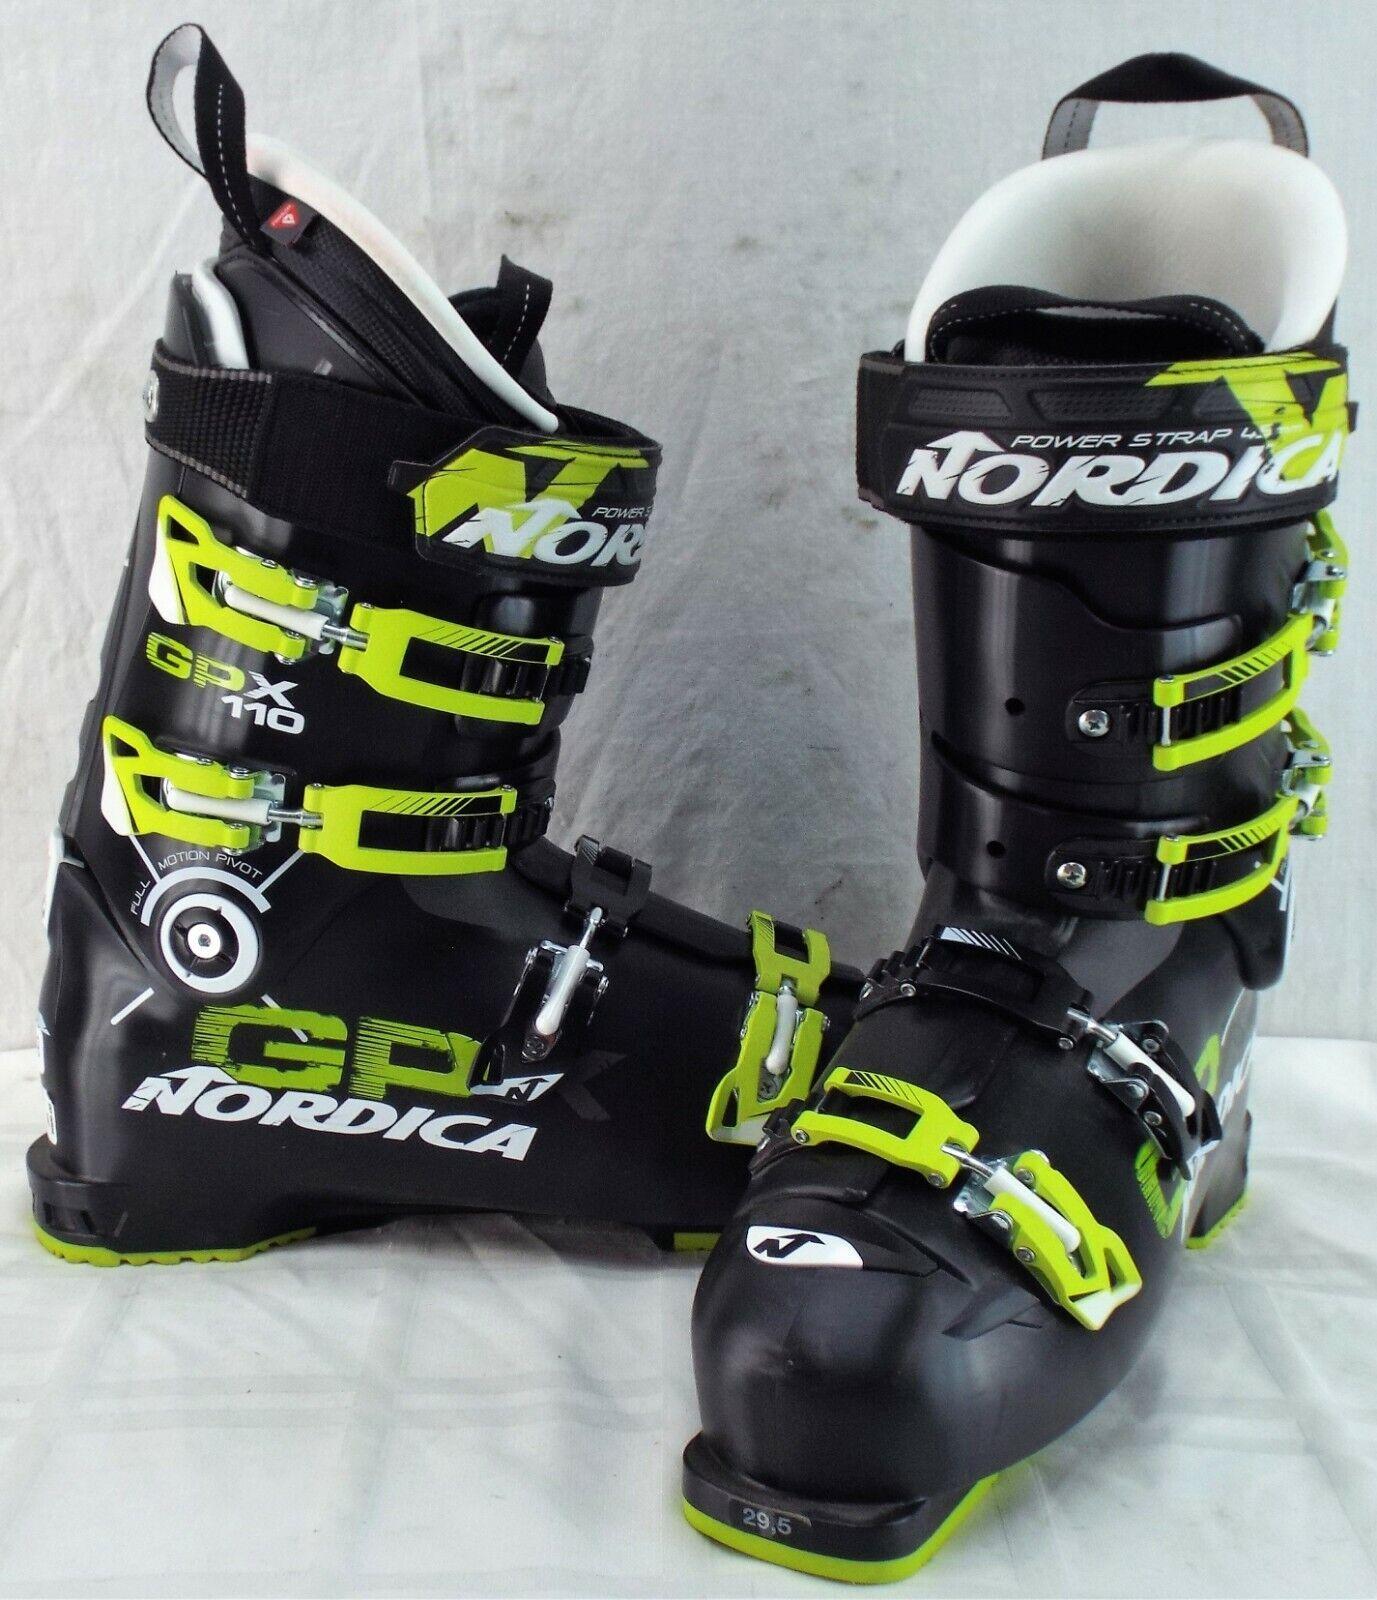 Nordica GPX 110, botas de esquí para hombres, talla 29,5.